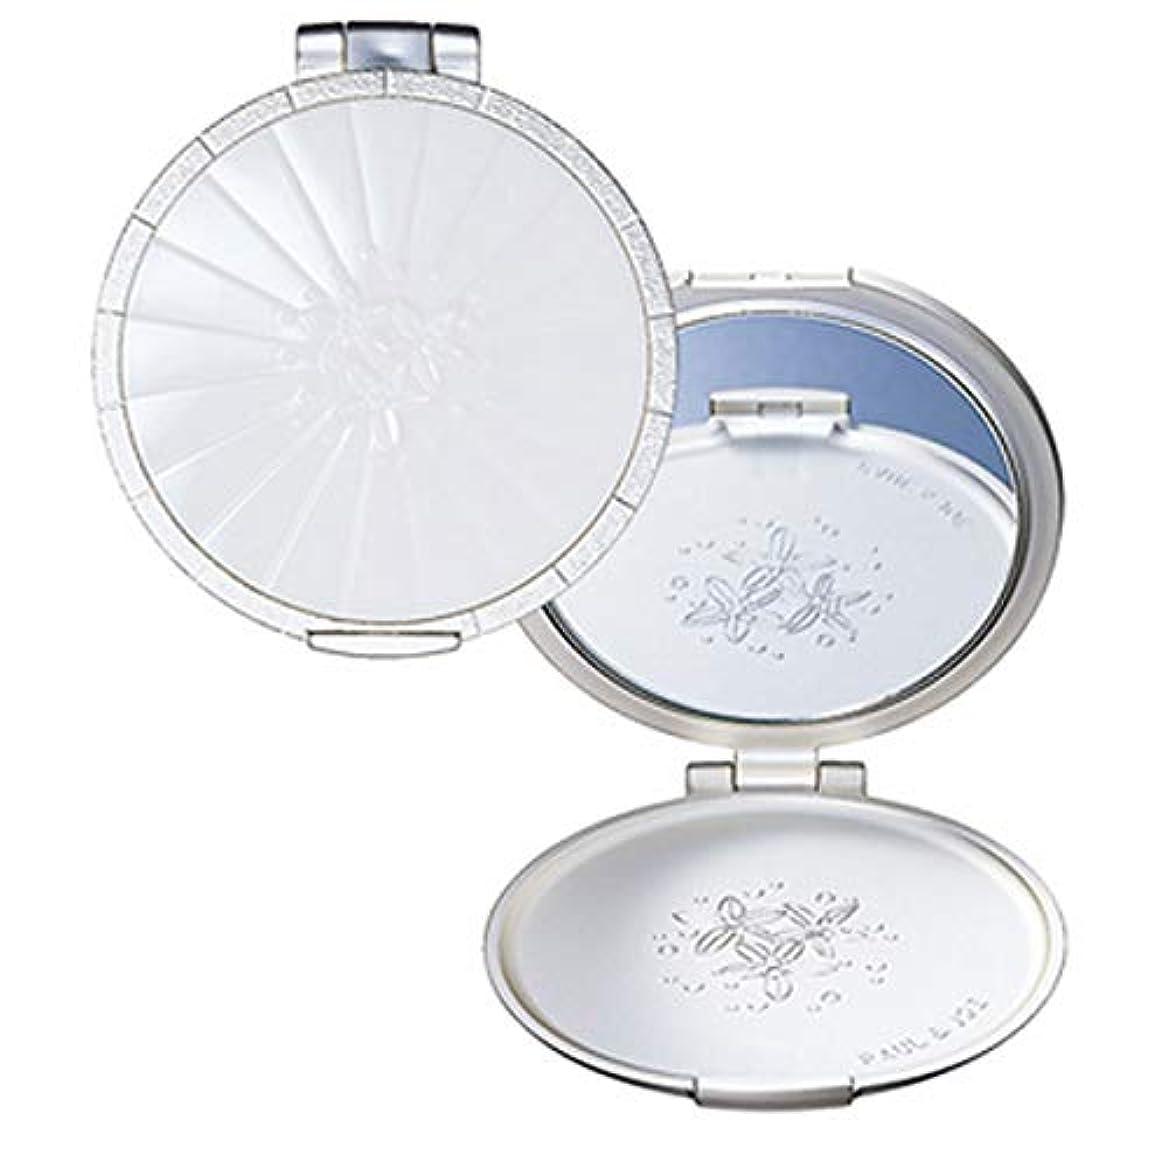 パラダイス大人ピービッシュ(ポール&ジョー) PAUL&JOE P&J コンパクトミラー 鏡 ミラー 手鏡 フラワー ポールアンドジョー 化粧直し かわいい グレープフルーツ 花 クラシカル 巾着 セット SET